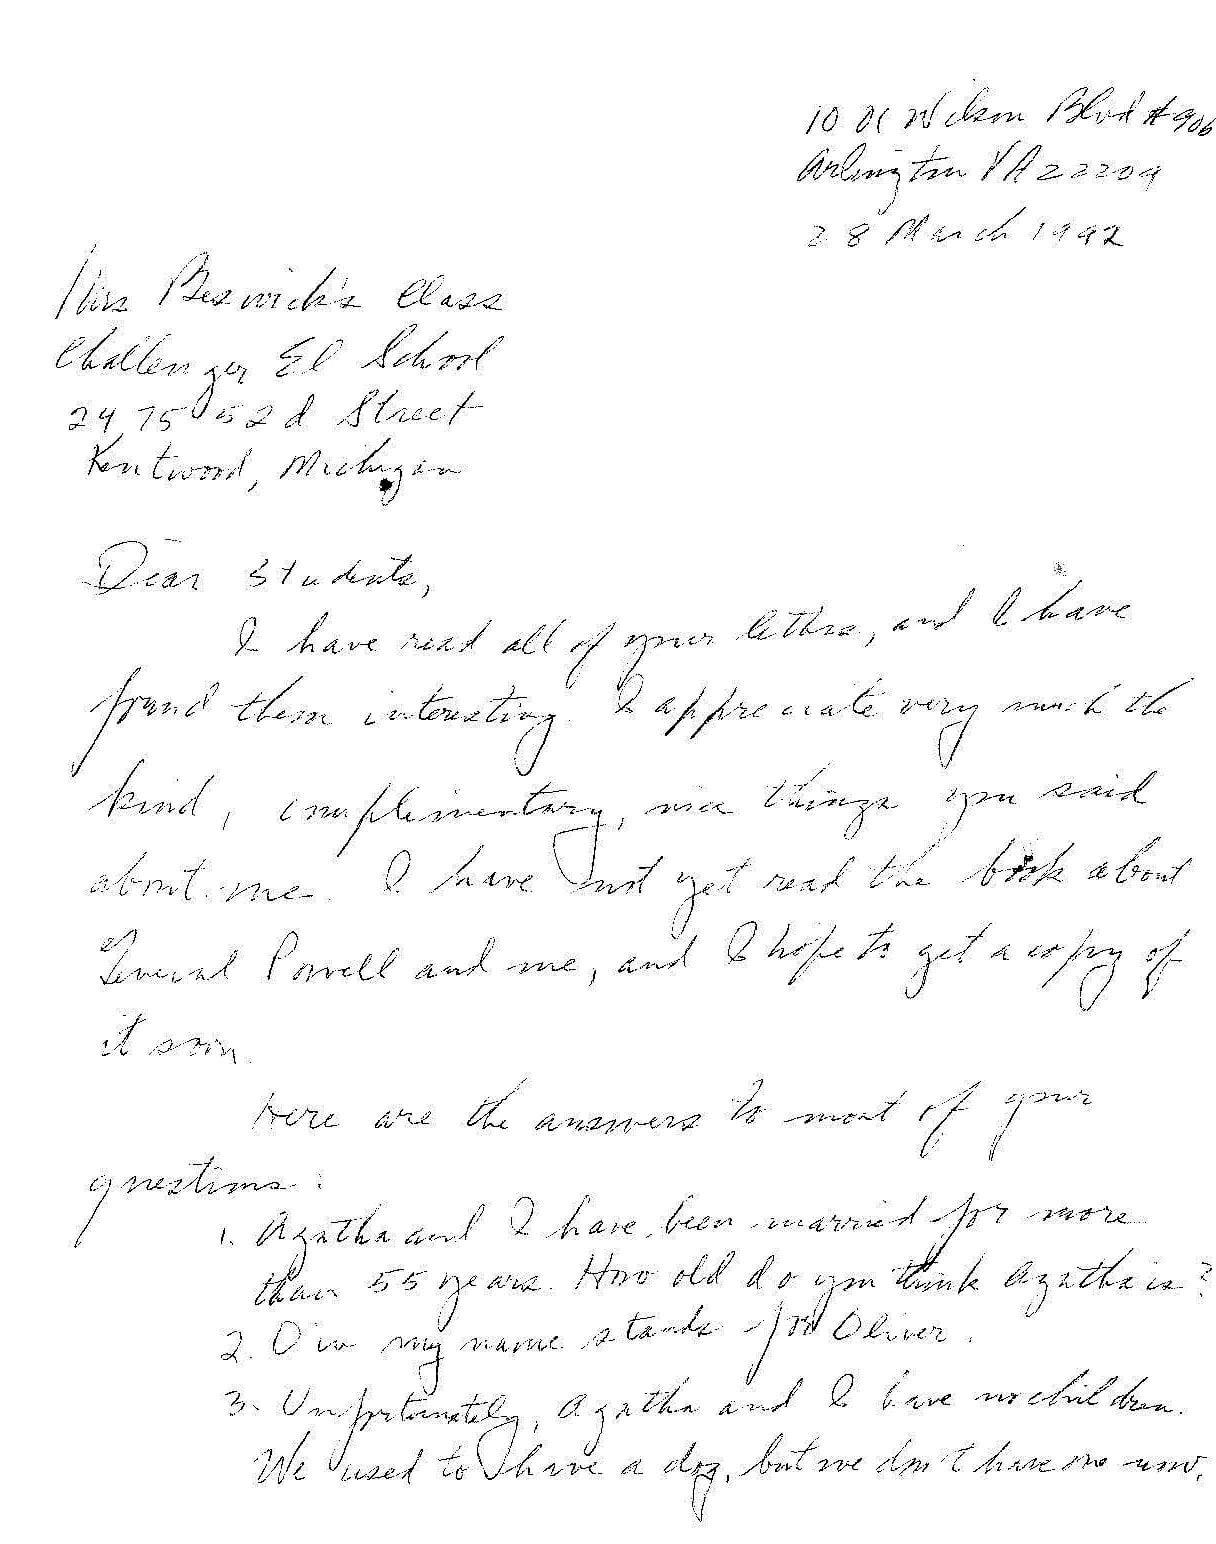 letter from BO Davis